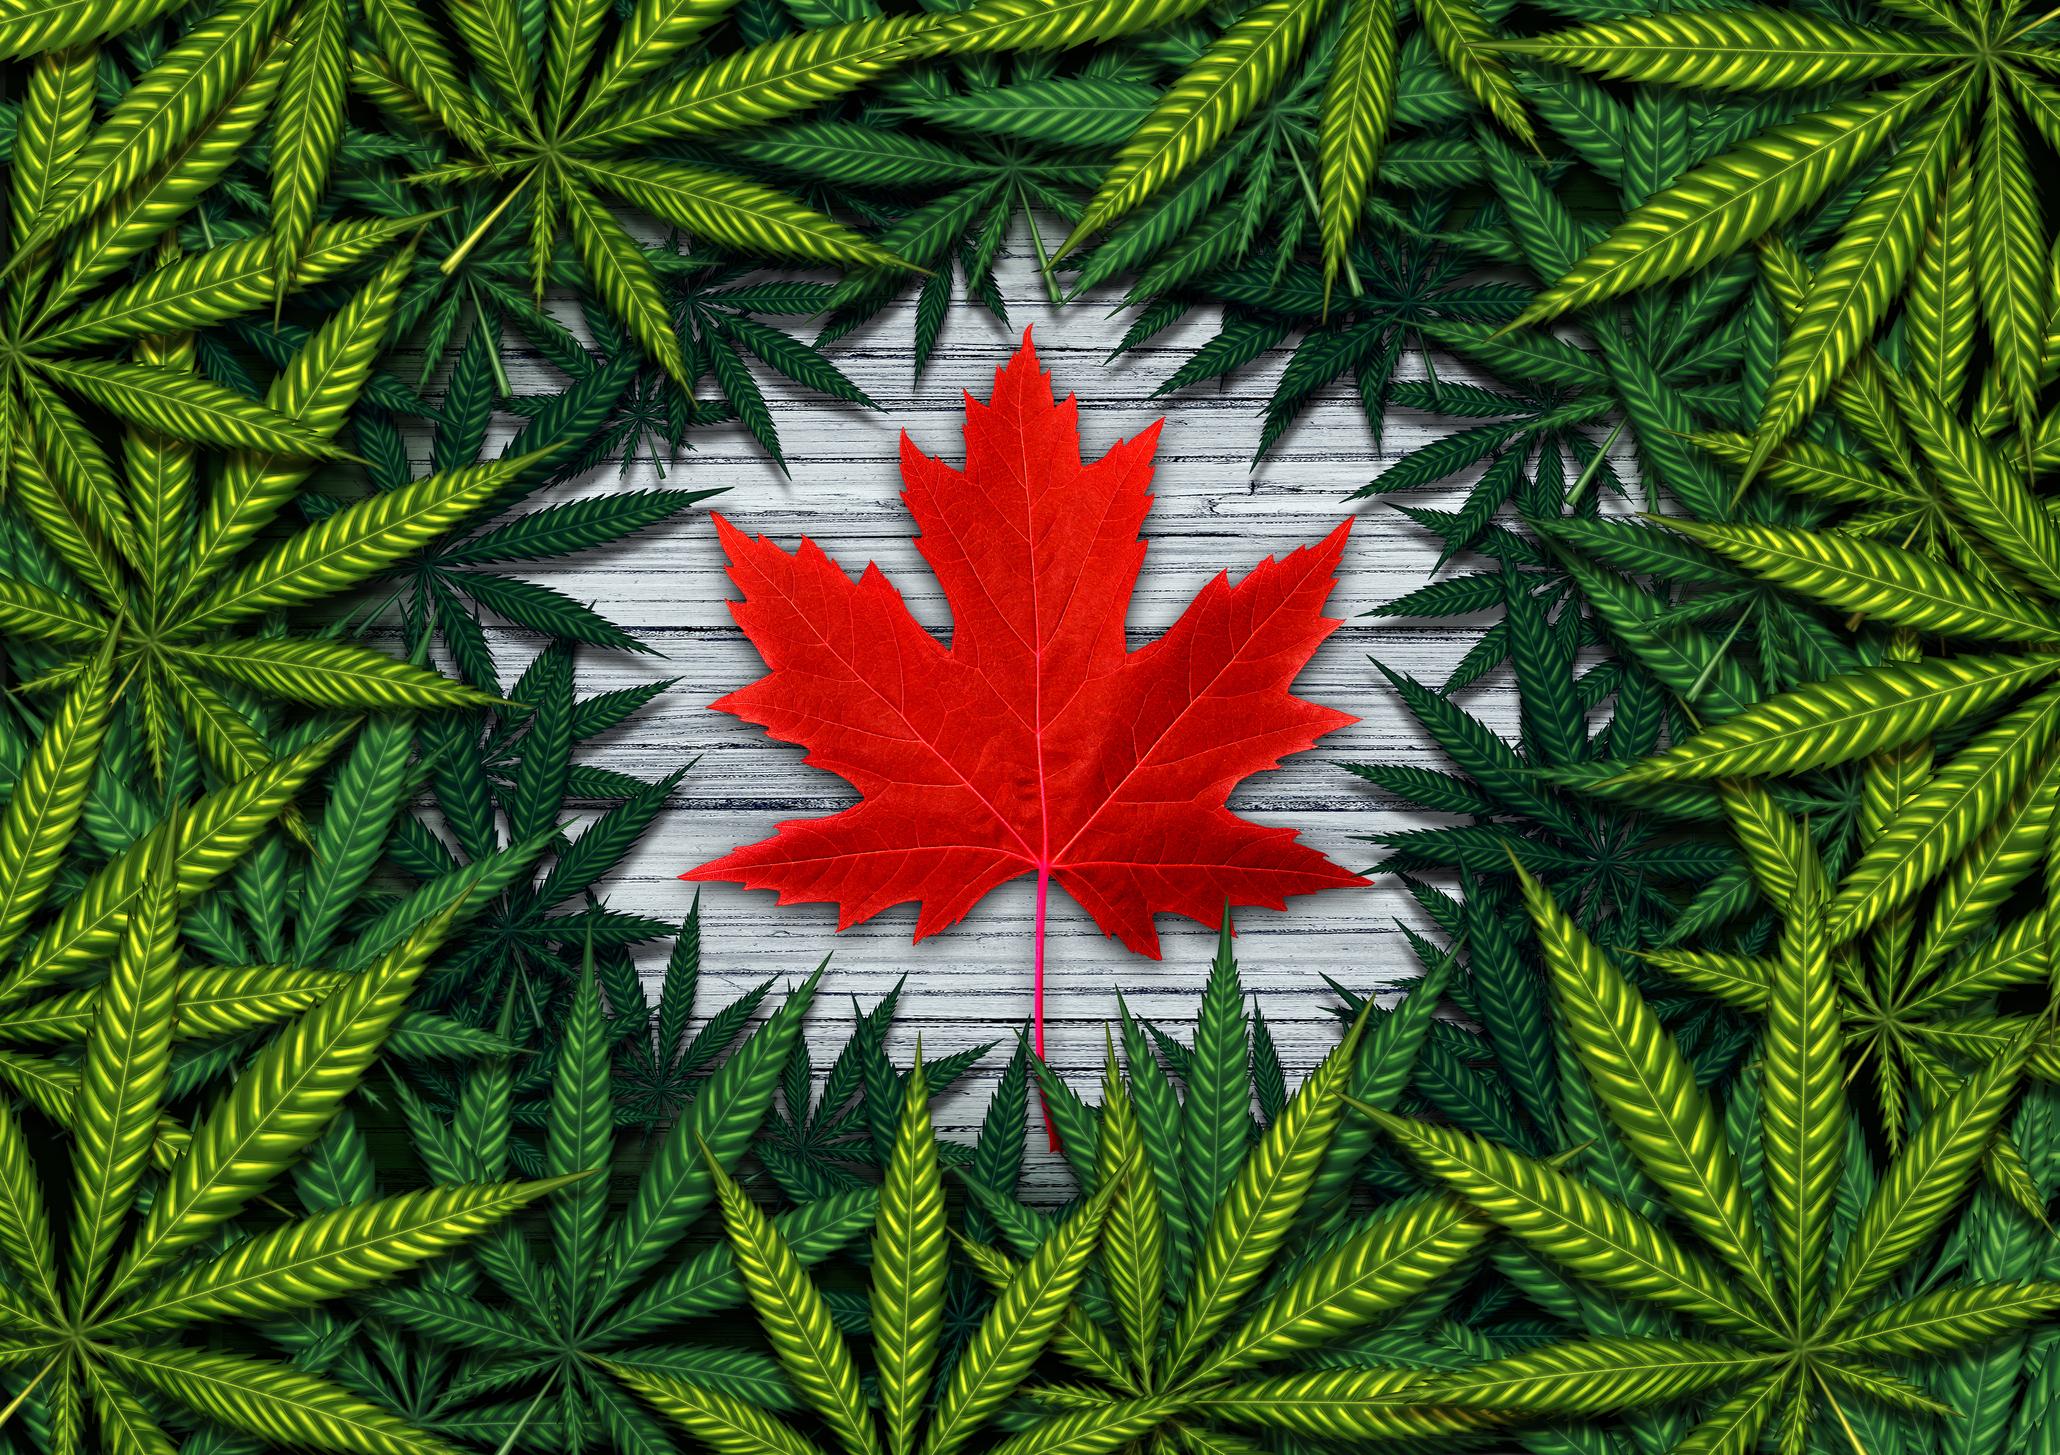 Canadian maple leaf surrounded by marijuana.